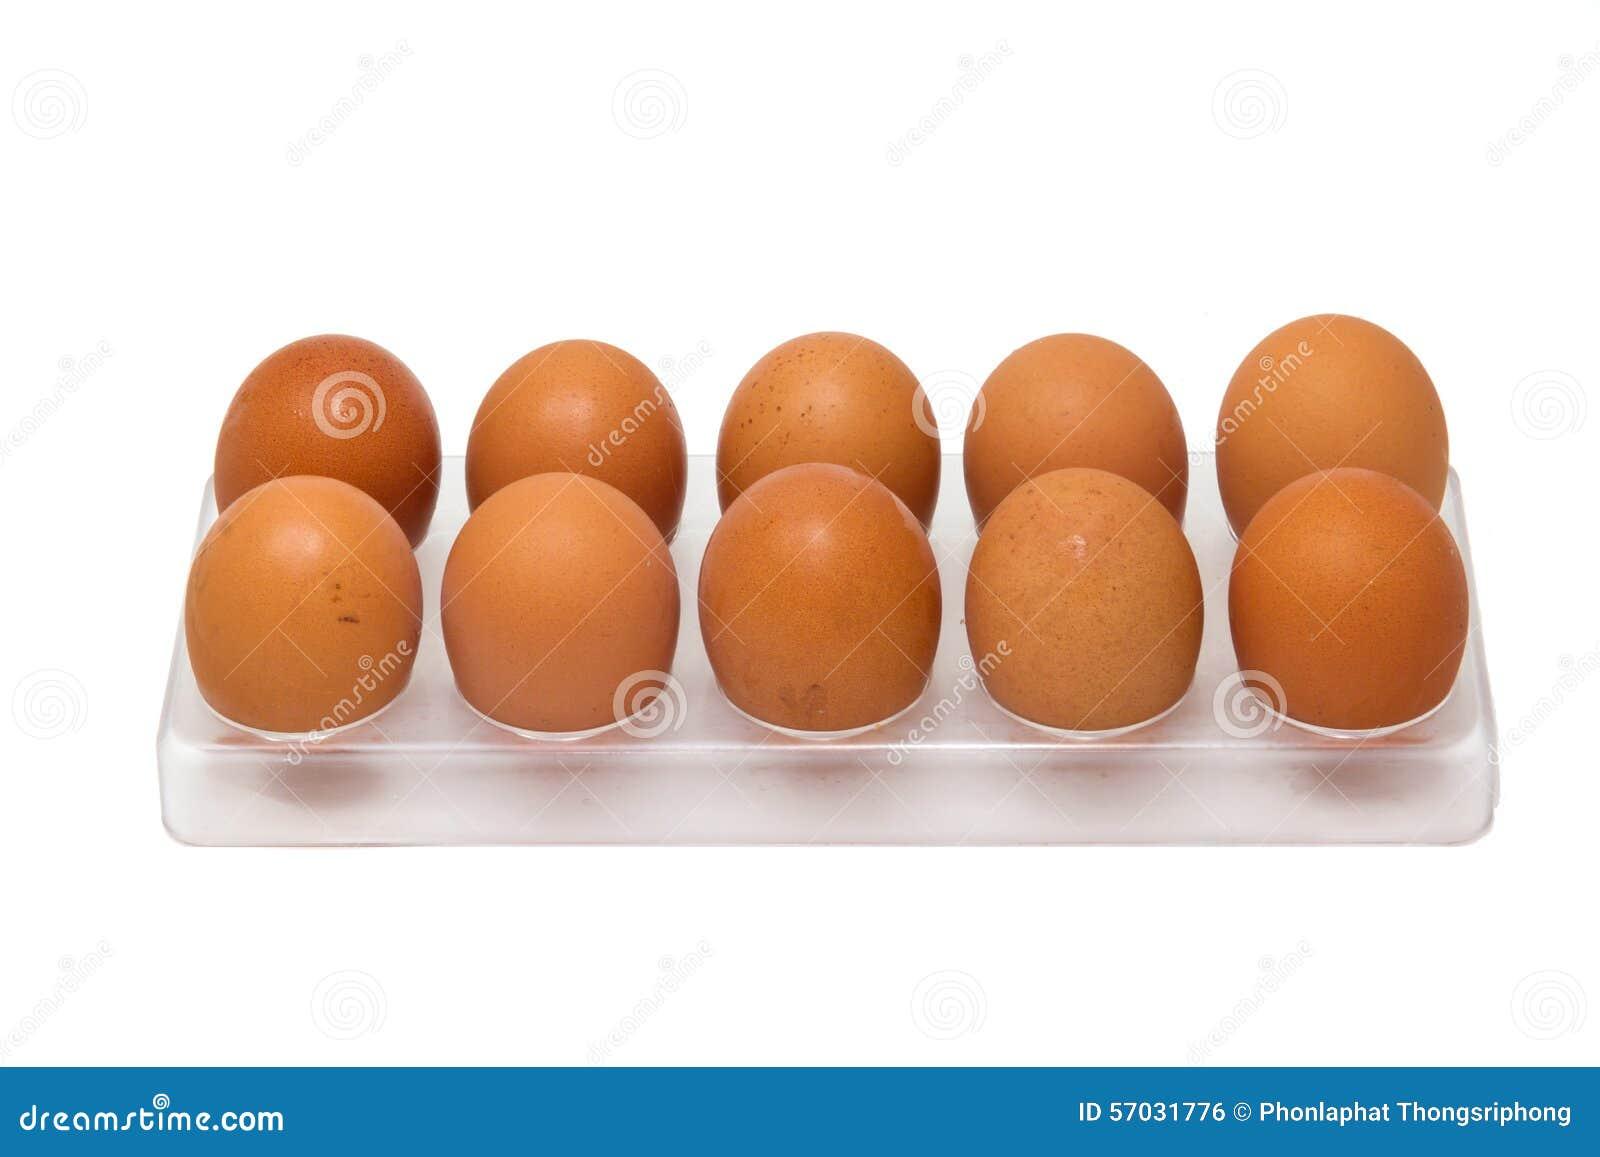 10 huevos del pollo en bandeja del huevo foto de archivo for Bandejas para huevos